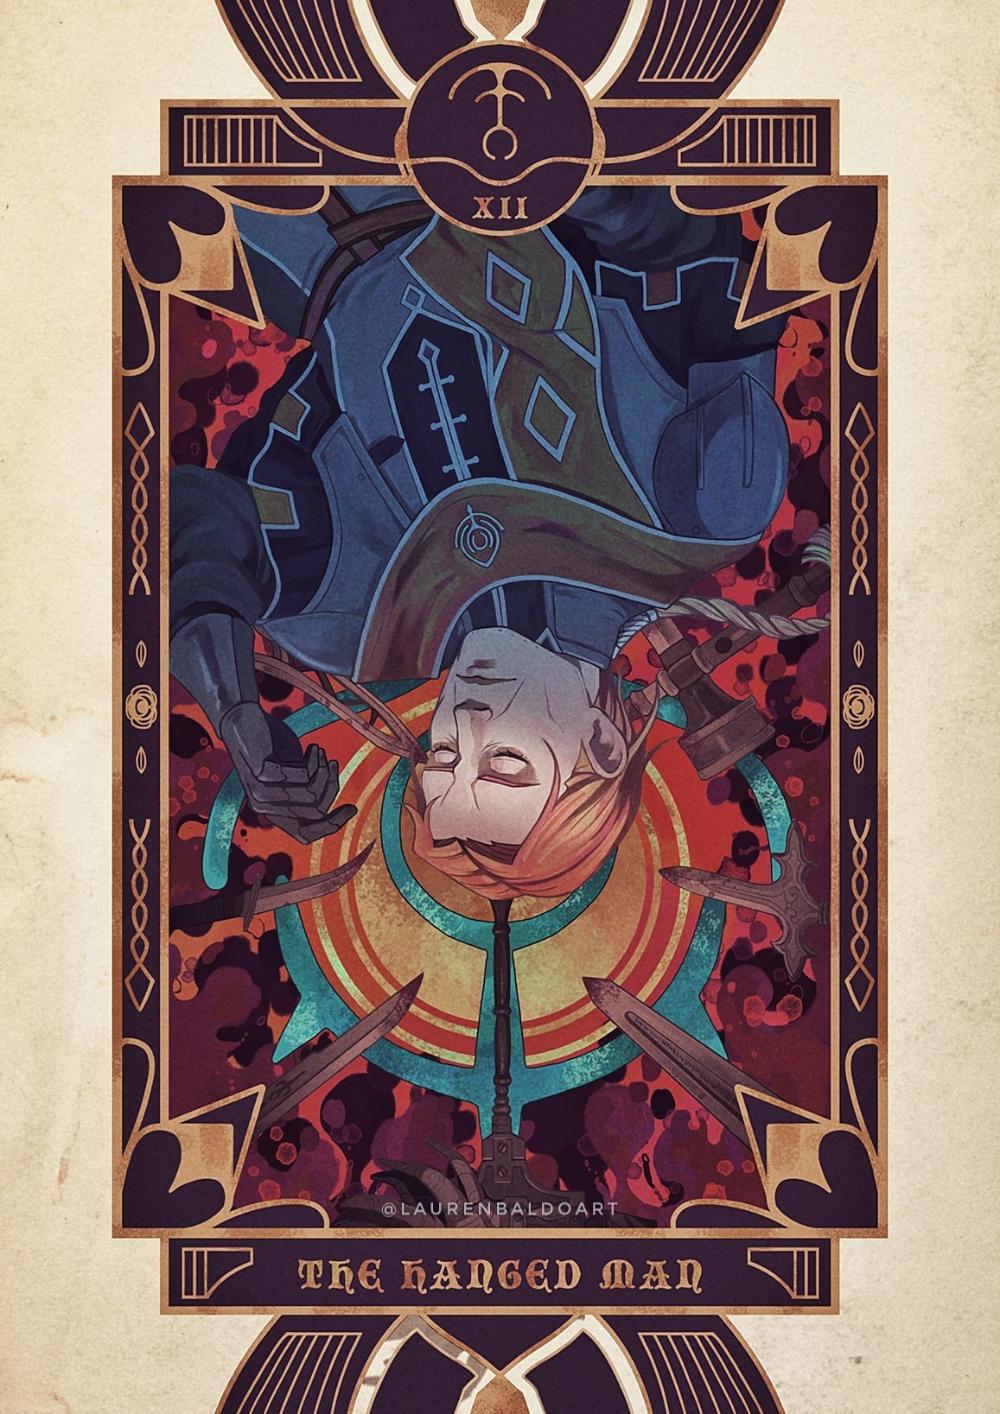 Emel on Twitter in 2020 Fire emblem games, Fire emblem